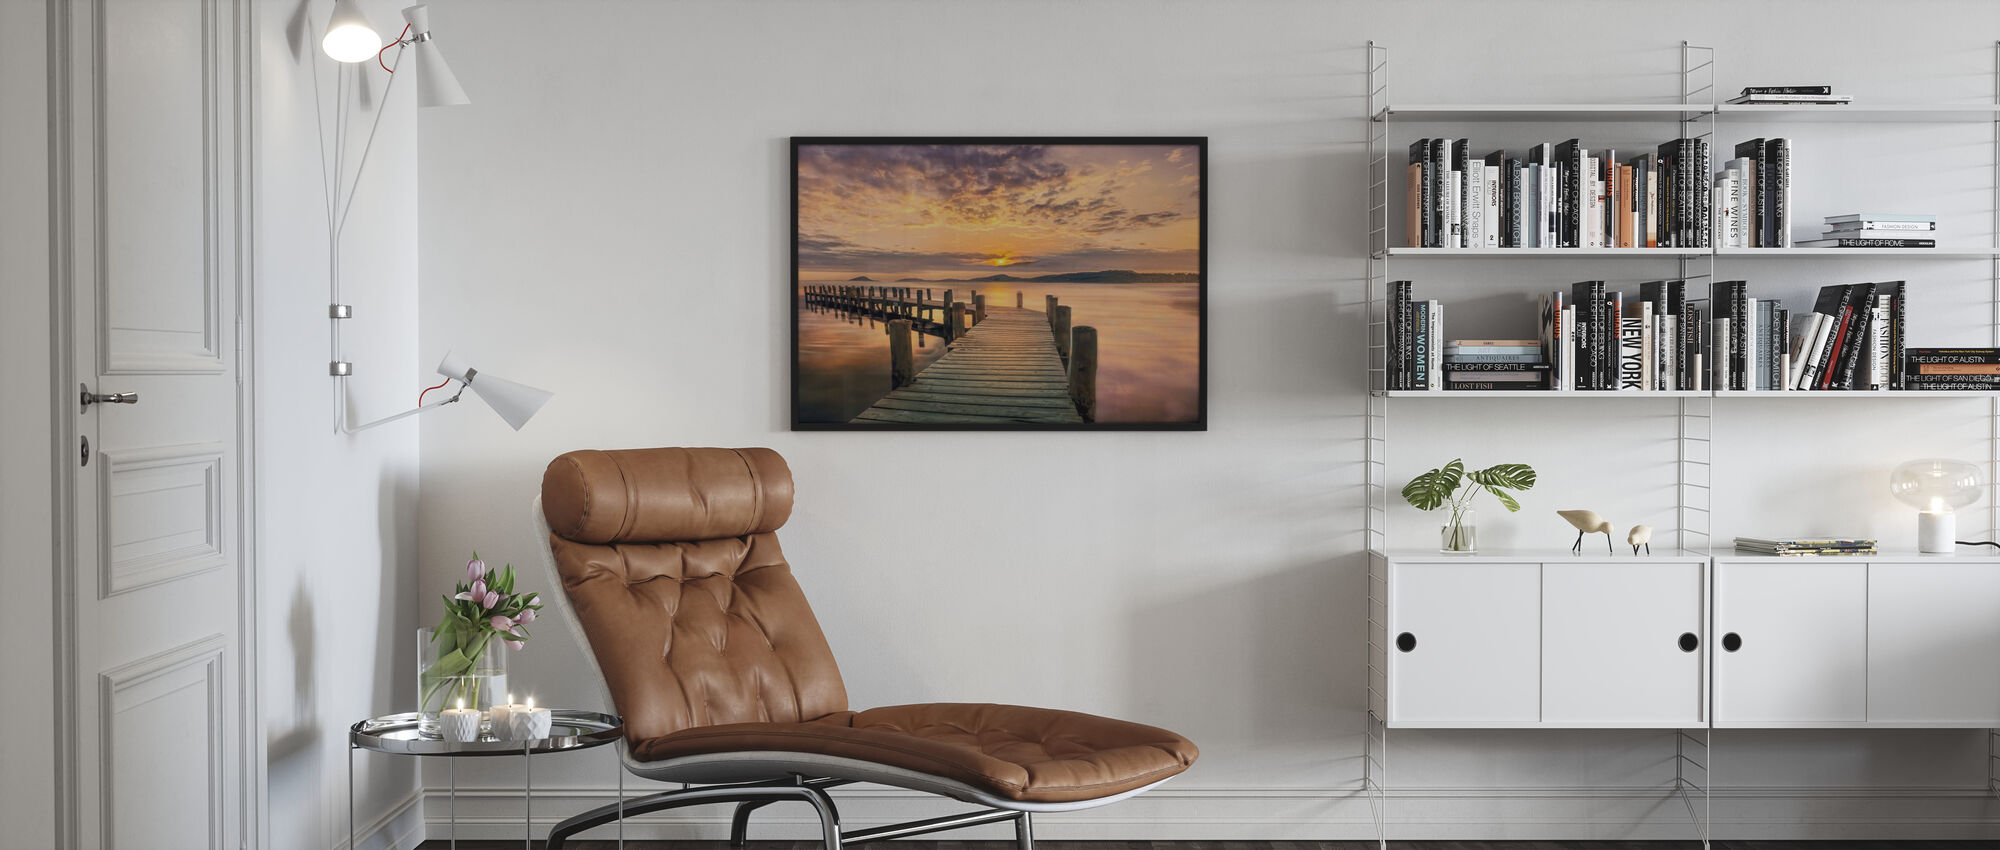 Pier i solnedgang - Plakat - Stue